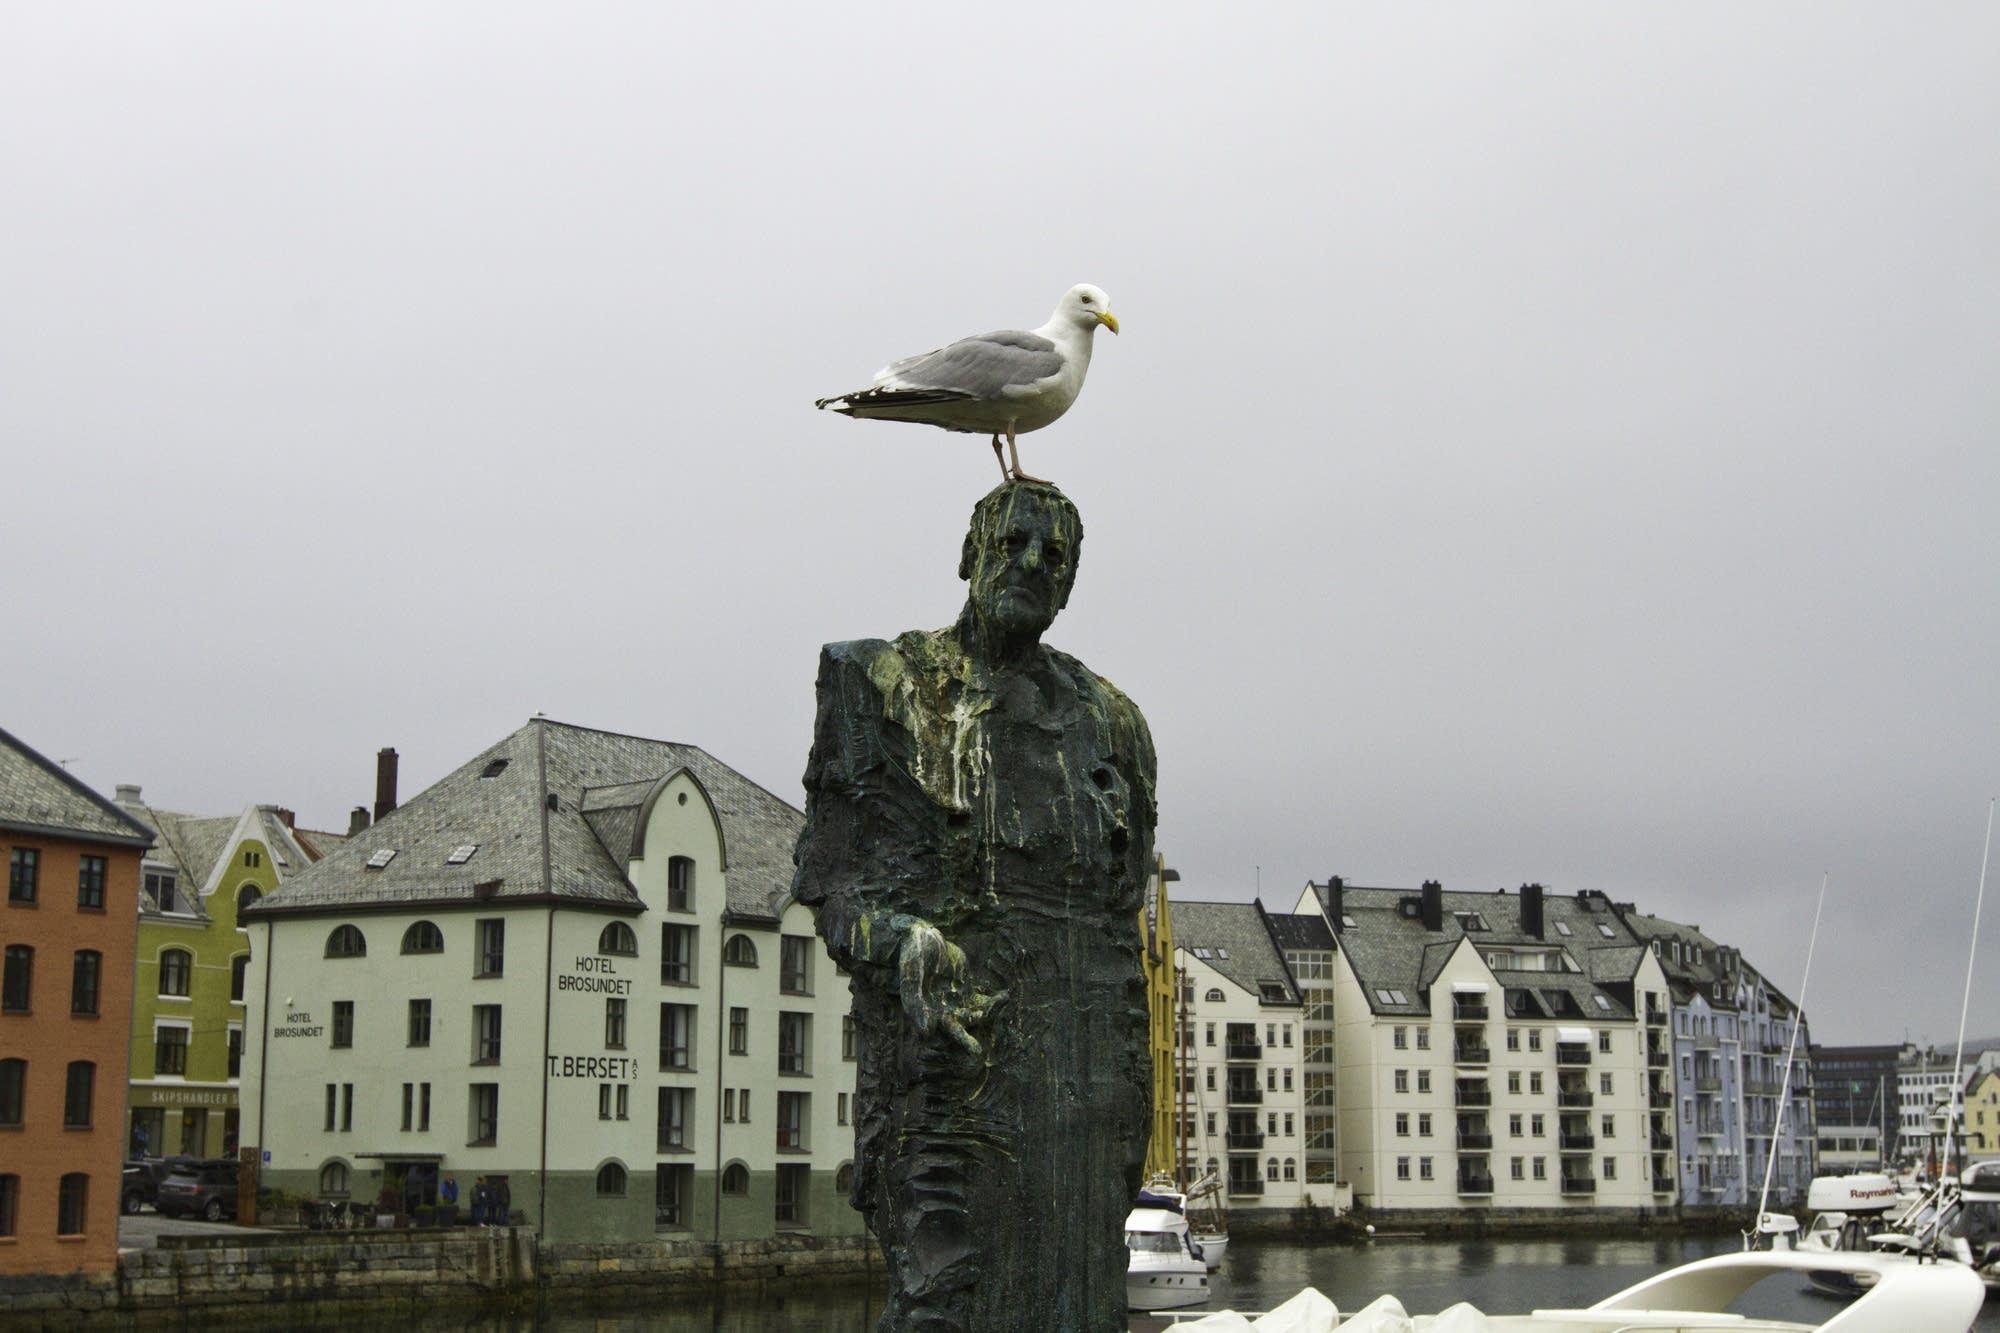 Alesund - 16 - statue with bird